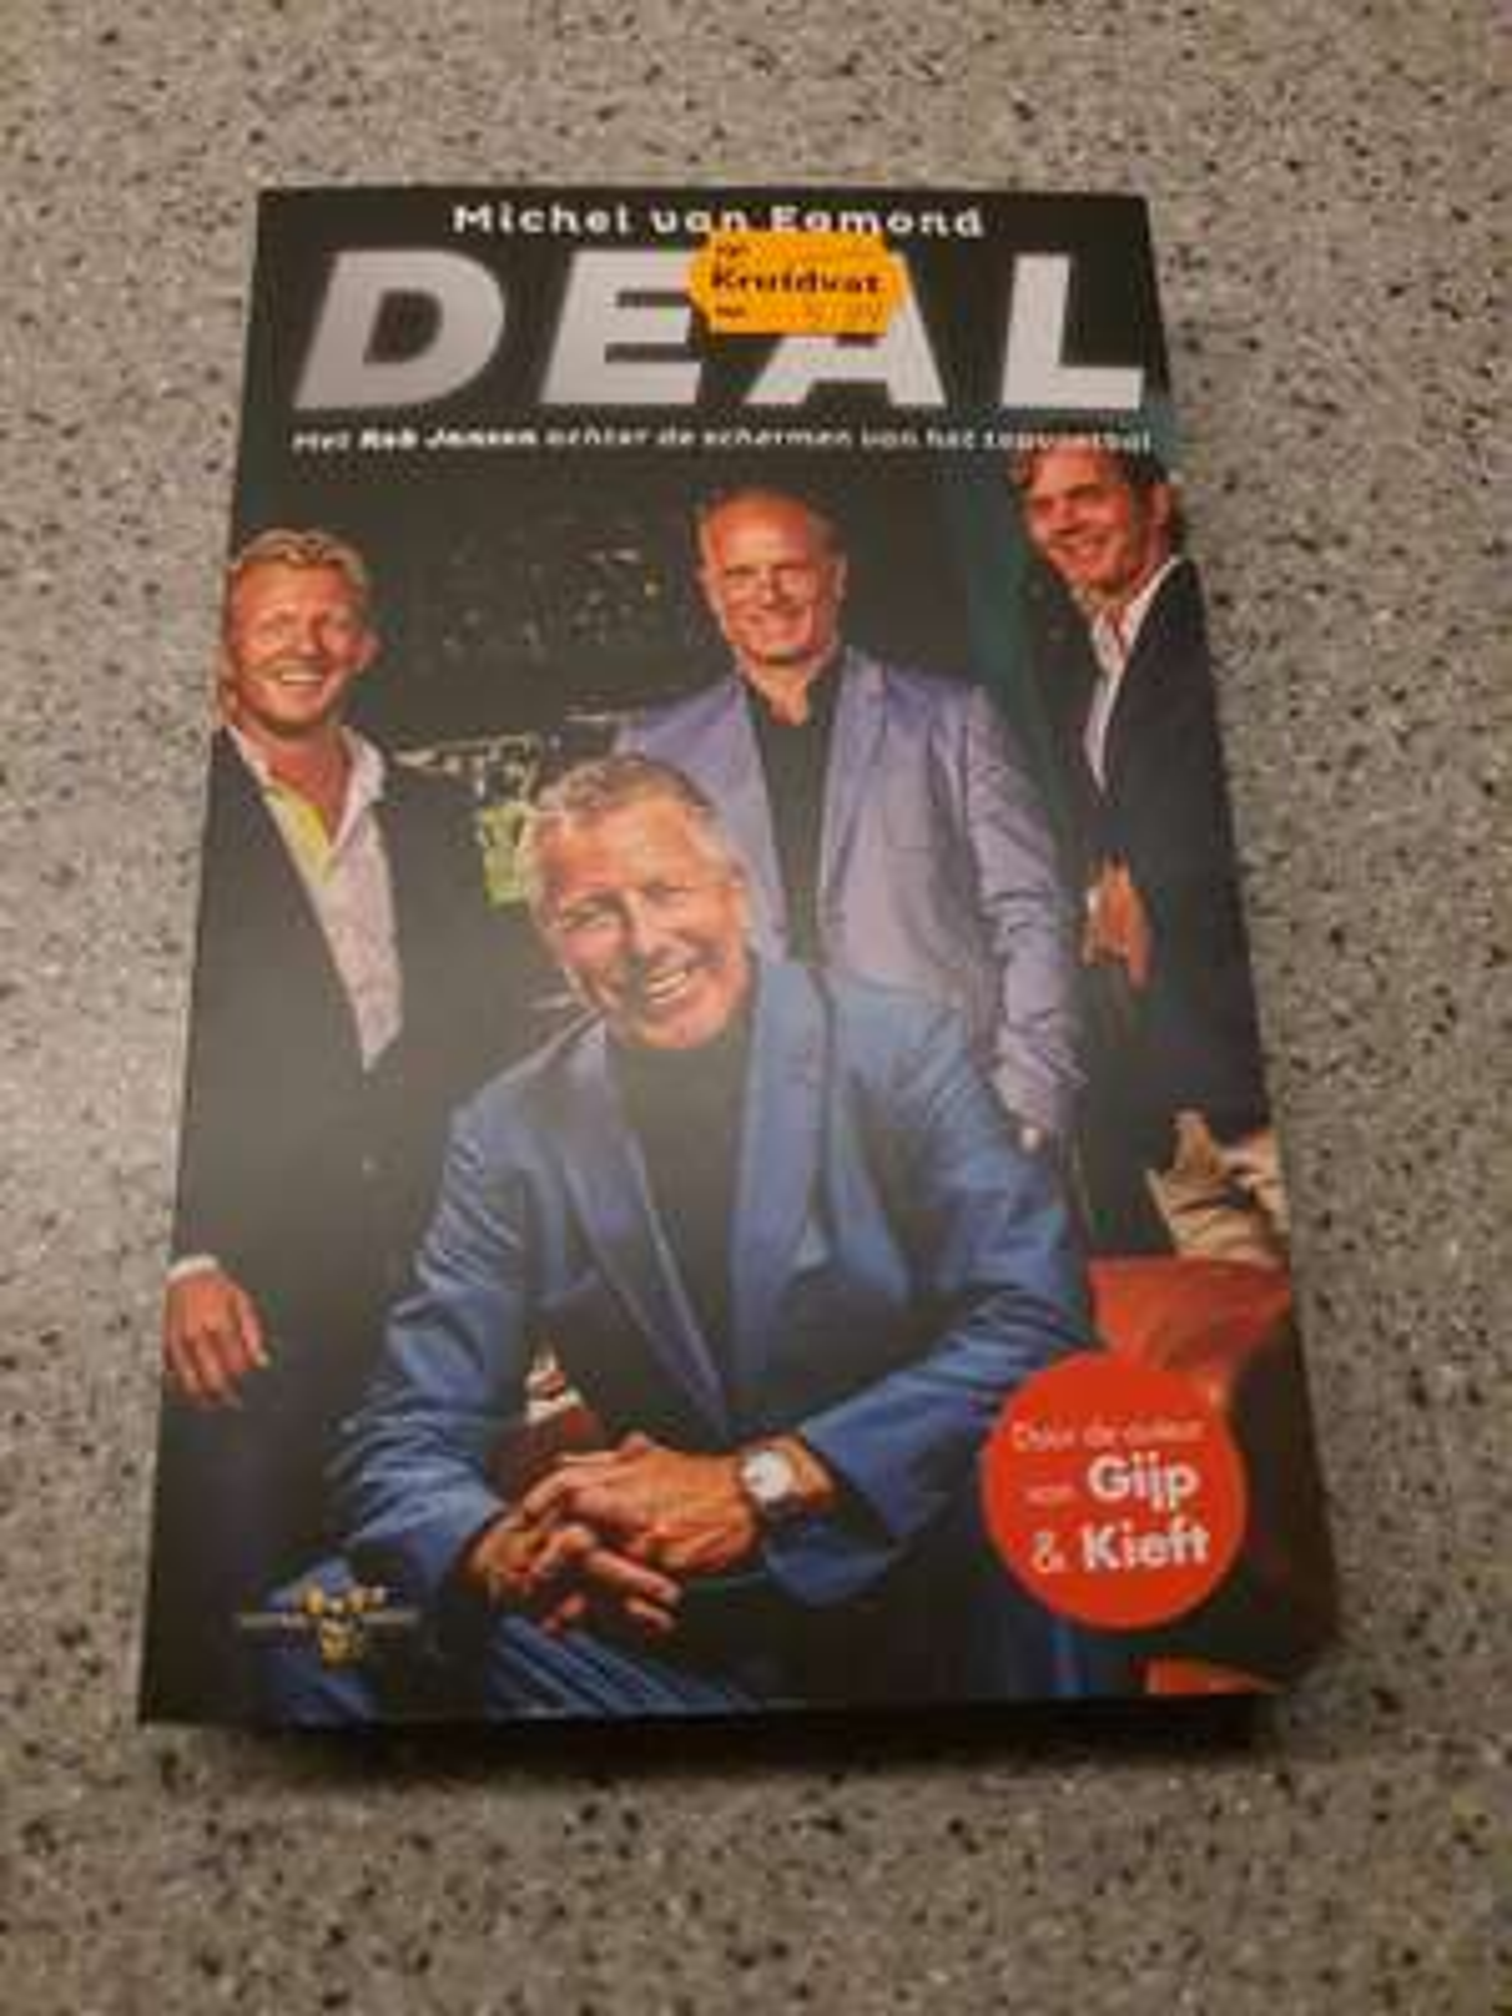 [Kruidvat] Deal van Michel van Egmond